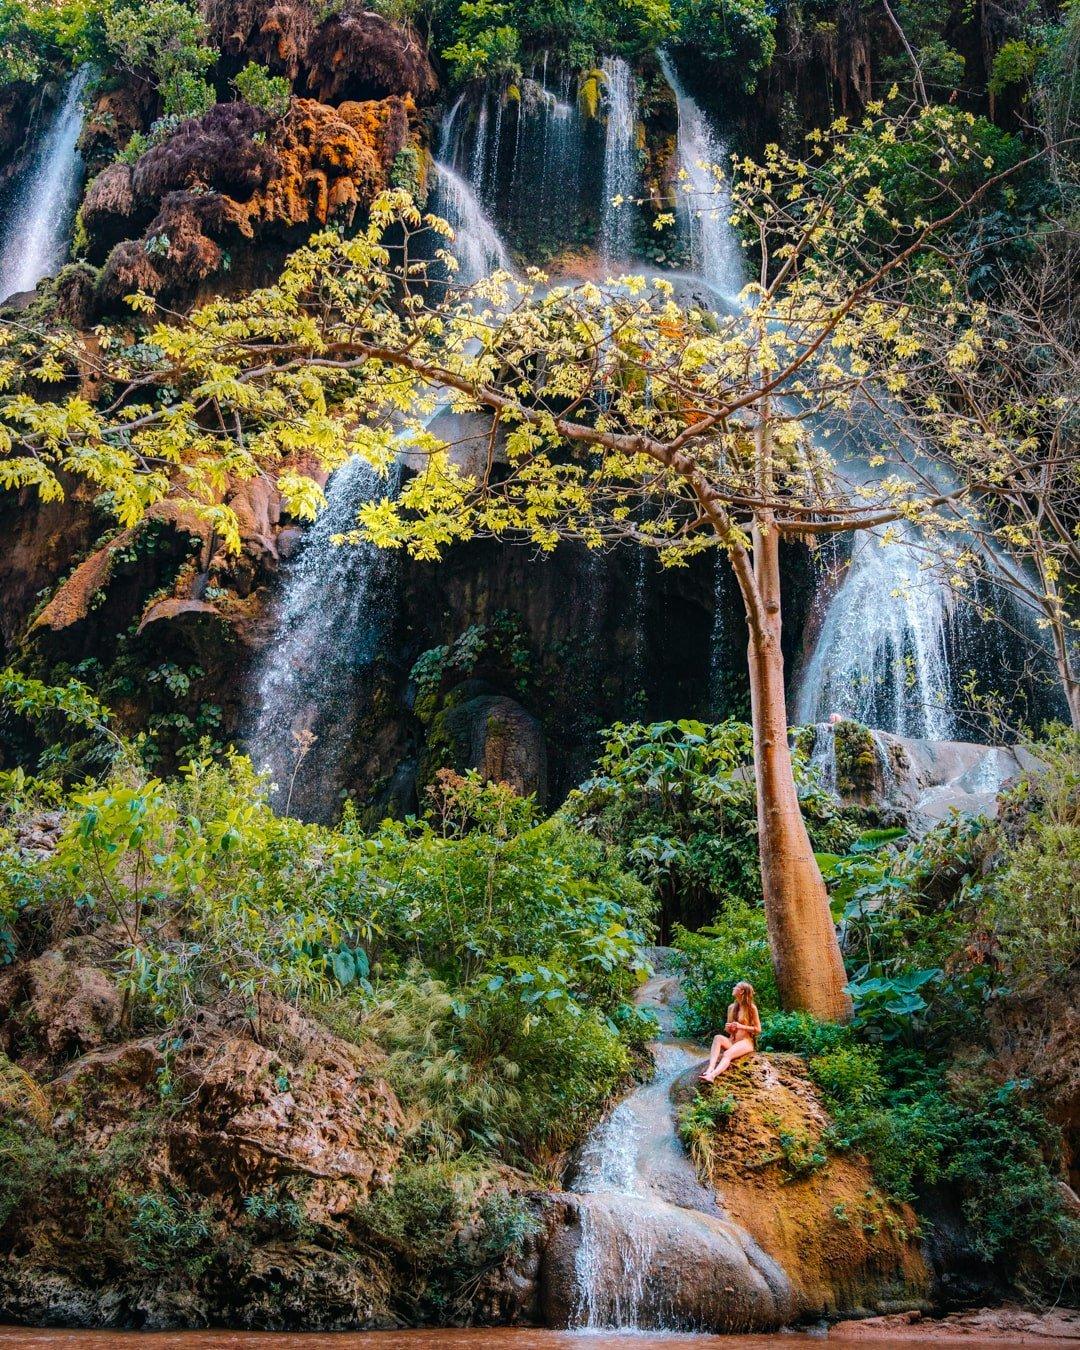 cascada el aguacero inside canon rio la venta ocote reserve in chiapas